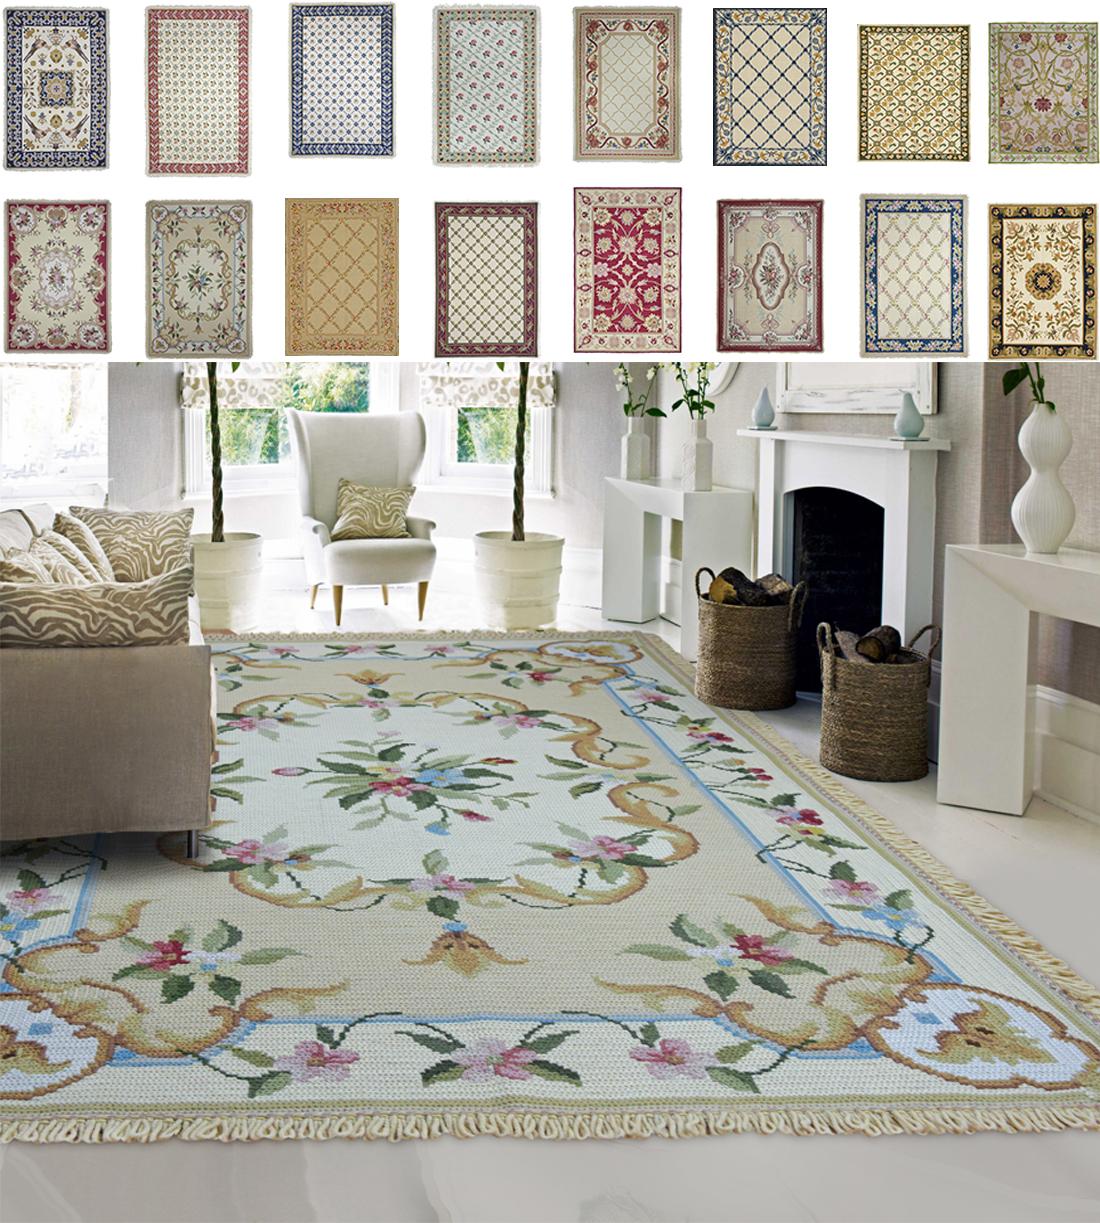 Tienda de alfombras en valladolid decoraci n e - Decoracion en valladolid ...